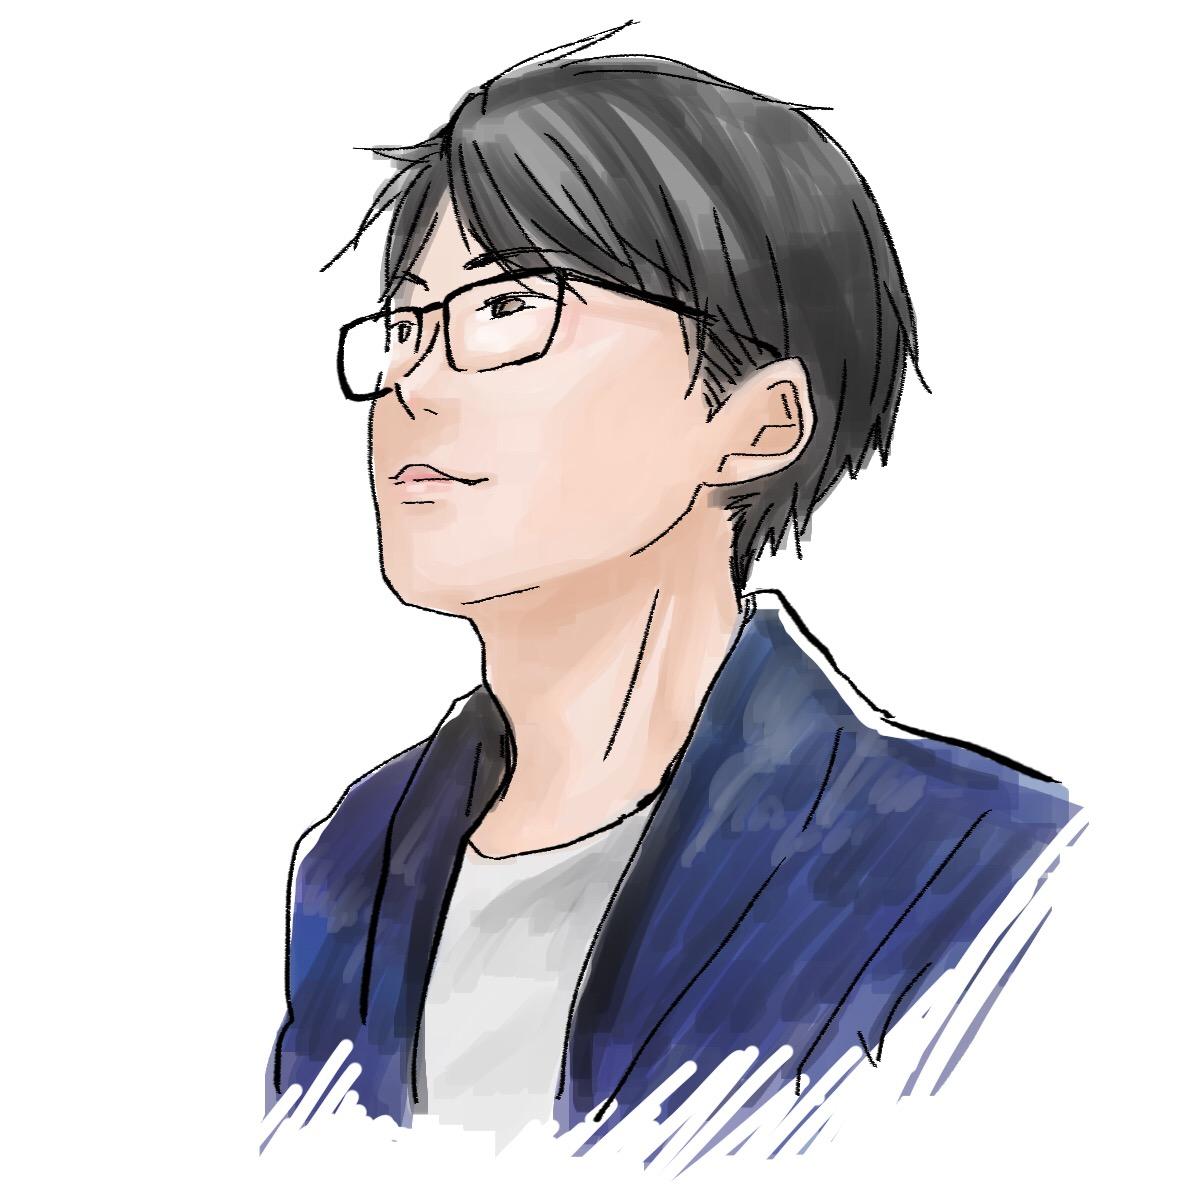 「仕事と遊びの間をつくると、公務員はもっと楽しくなれる」大西勇太(奈良県庁)